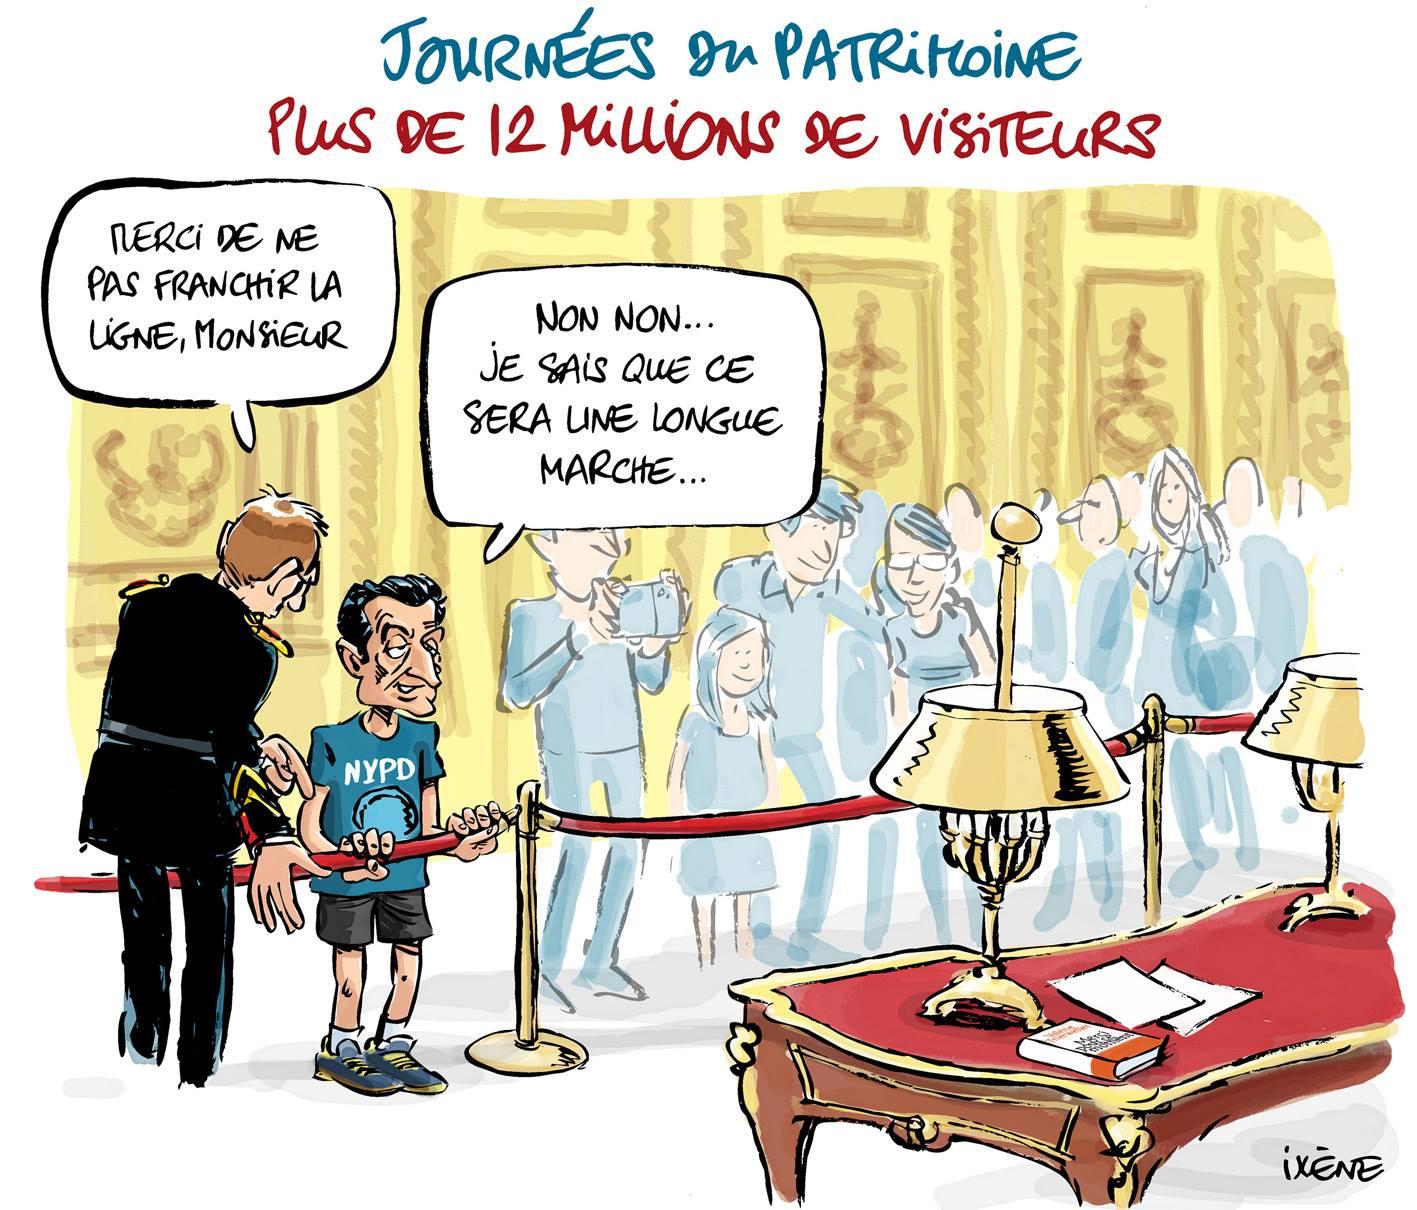 2014_09.22_journees_du_patrimoine_2014